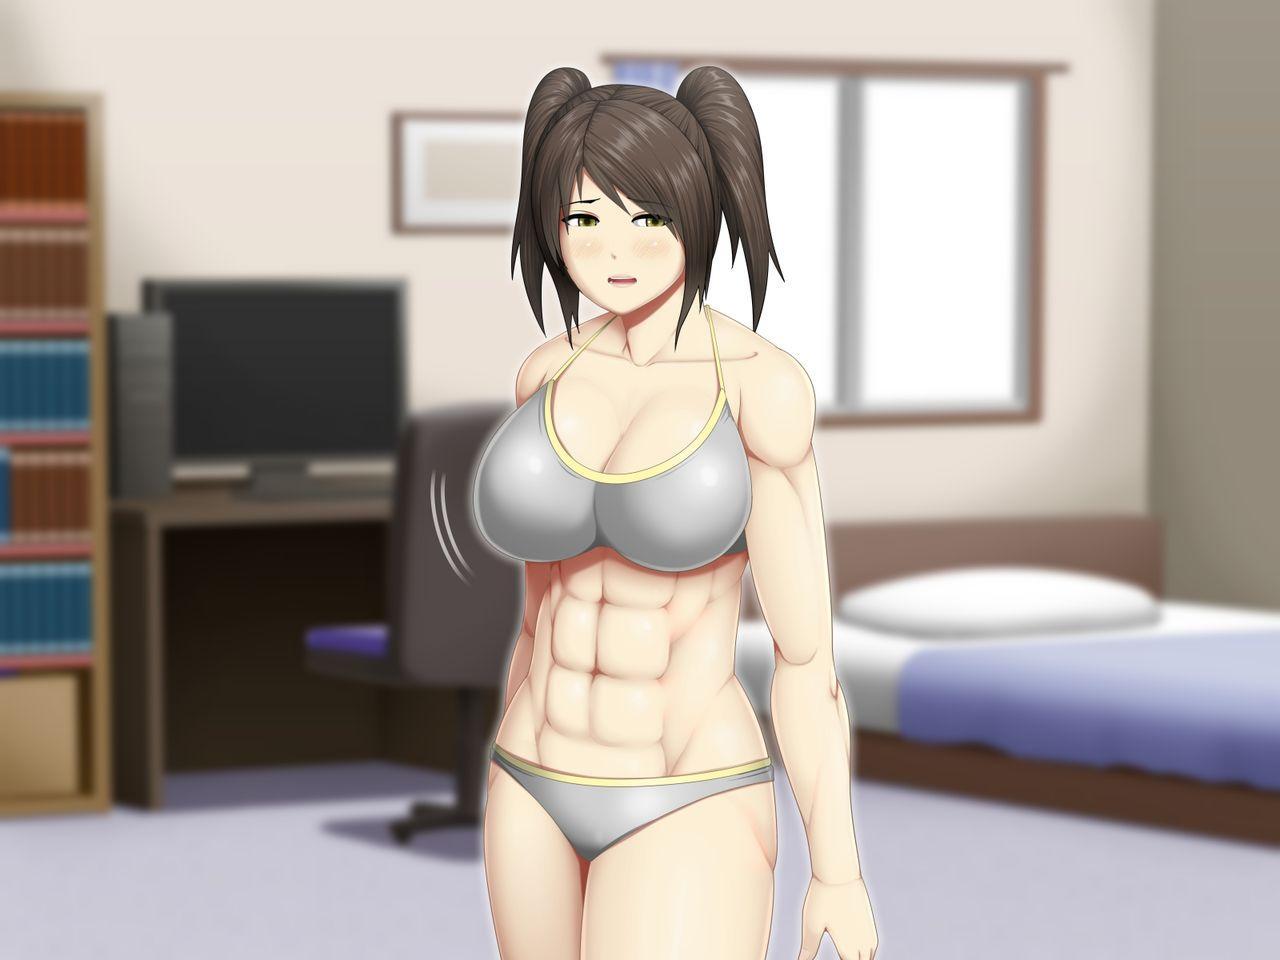 Uchiki na Jyumai ga Ore no Tame ni Karada o Kitaeta Kekka 135